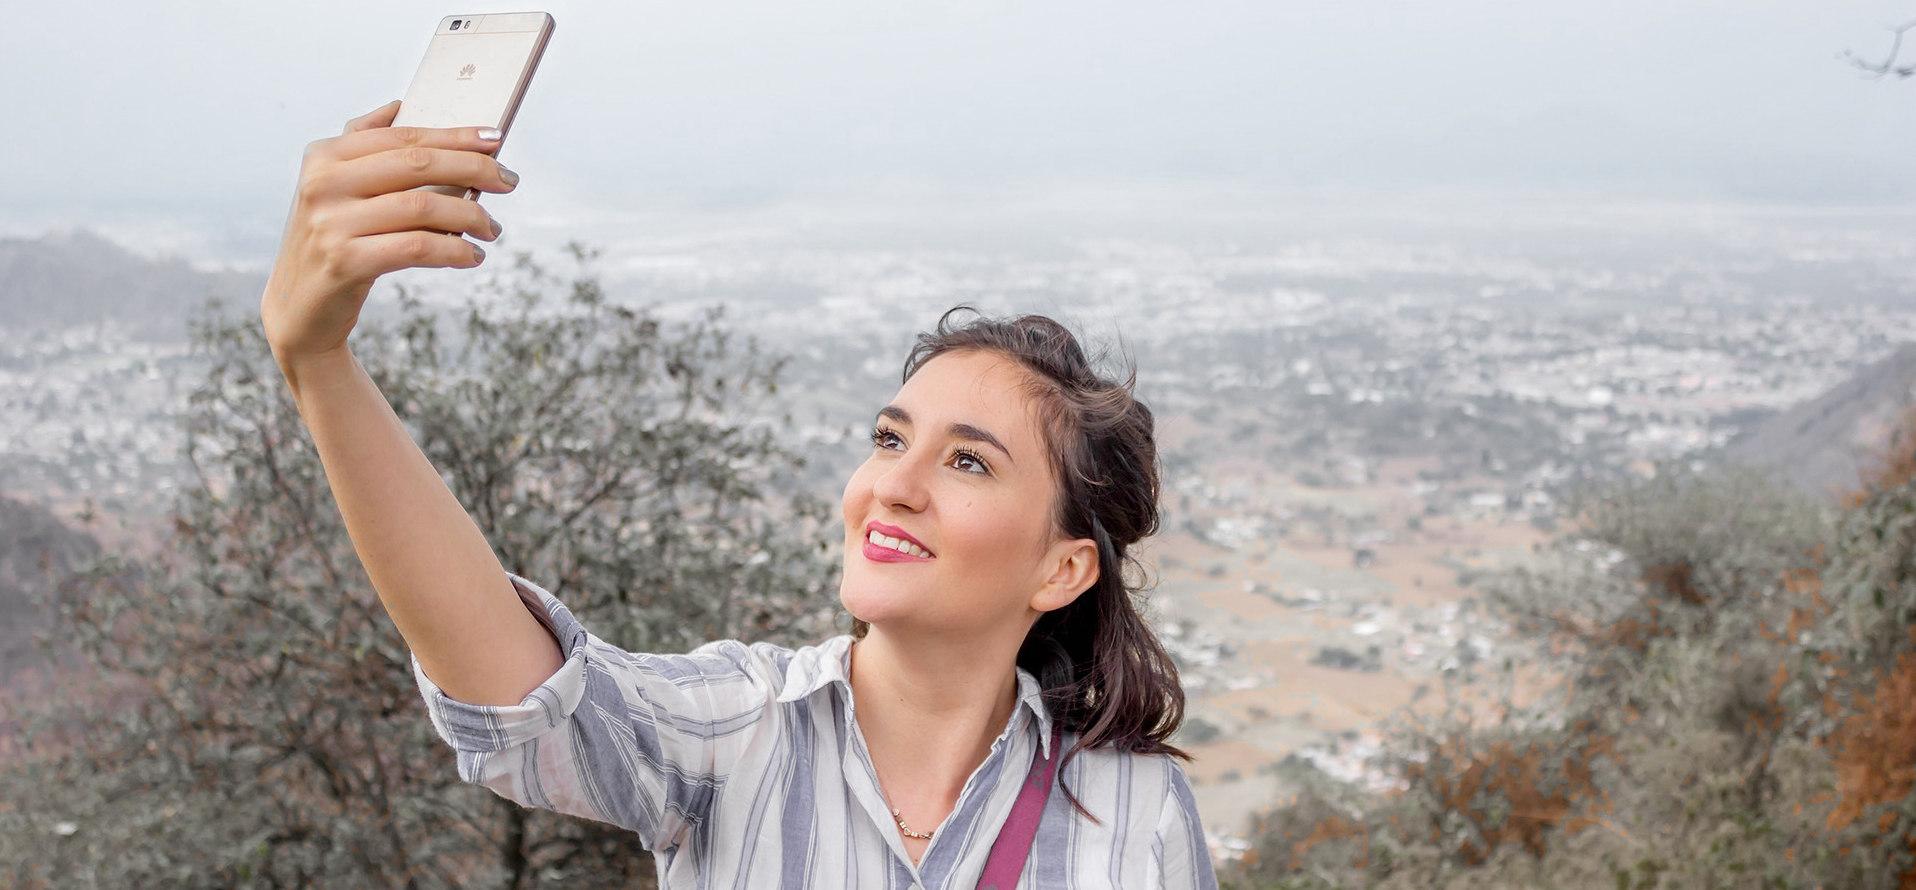 ¿Qué tipo de 'selfie' es el más popular?